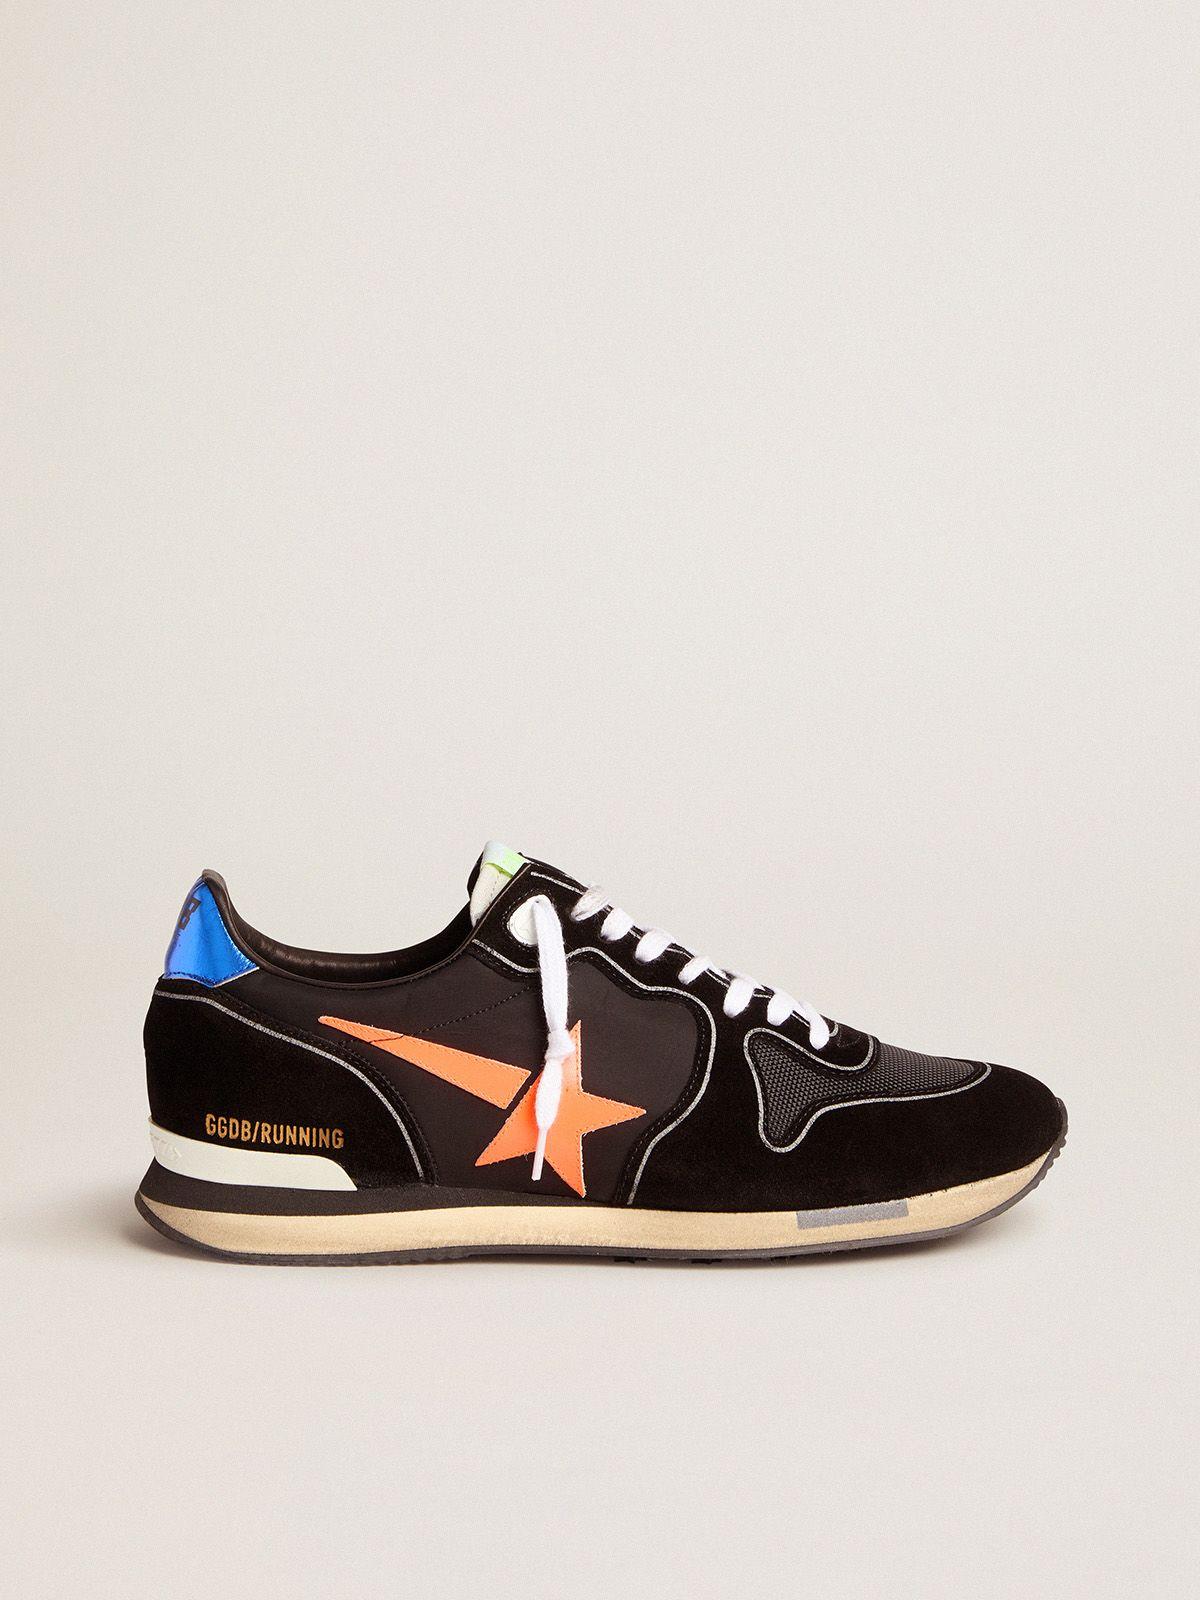 Golden Goose - Black Running sneakers with fluorescent orange star in